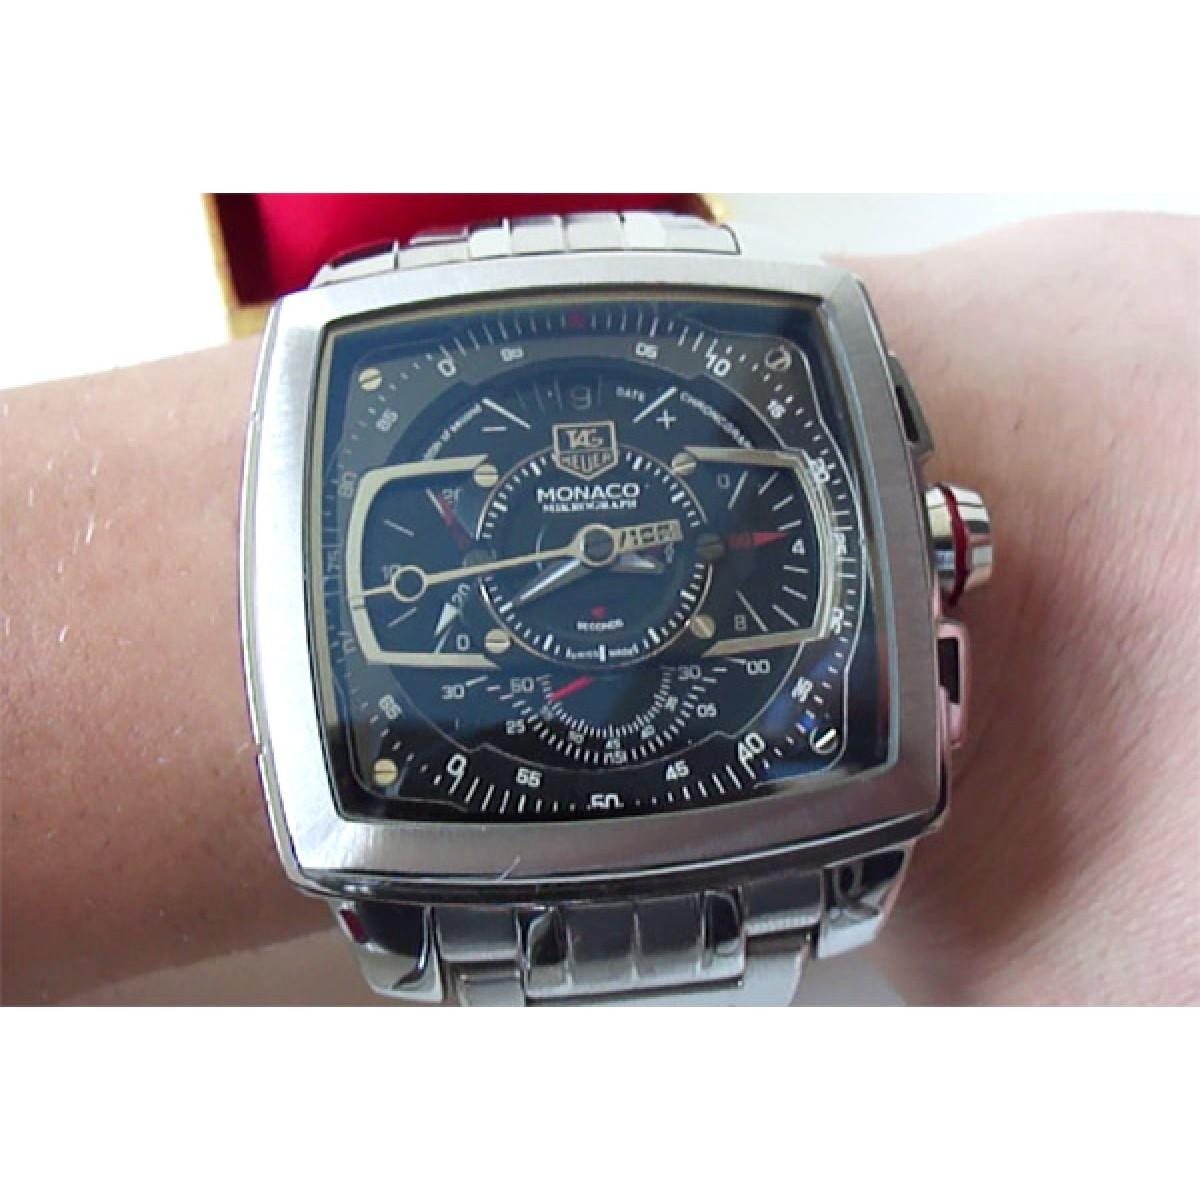 0ffddd3f707 replica de relógio Tag Heuer Monaco miKrograph